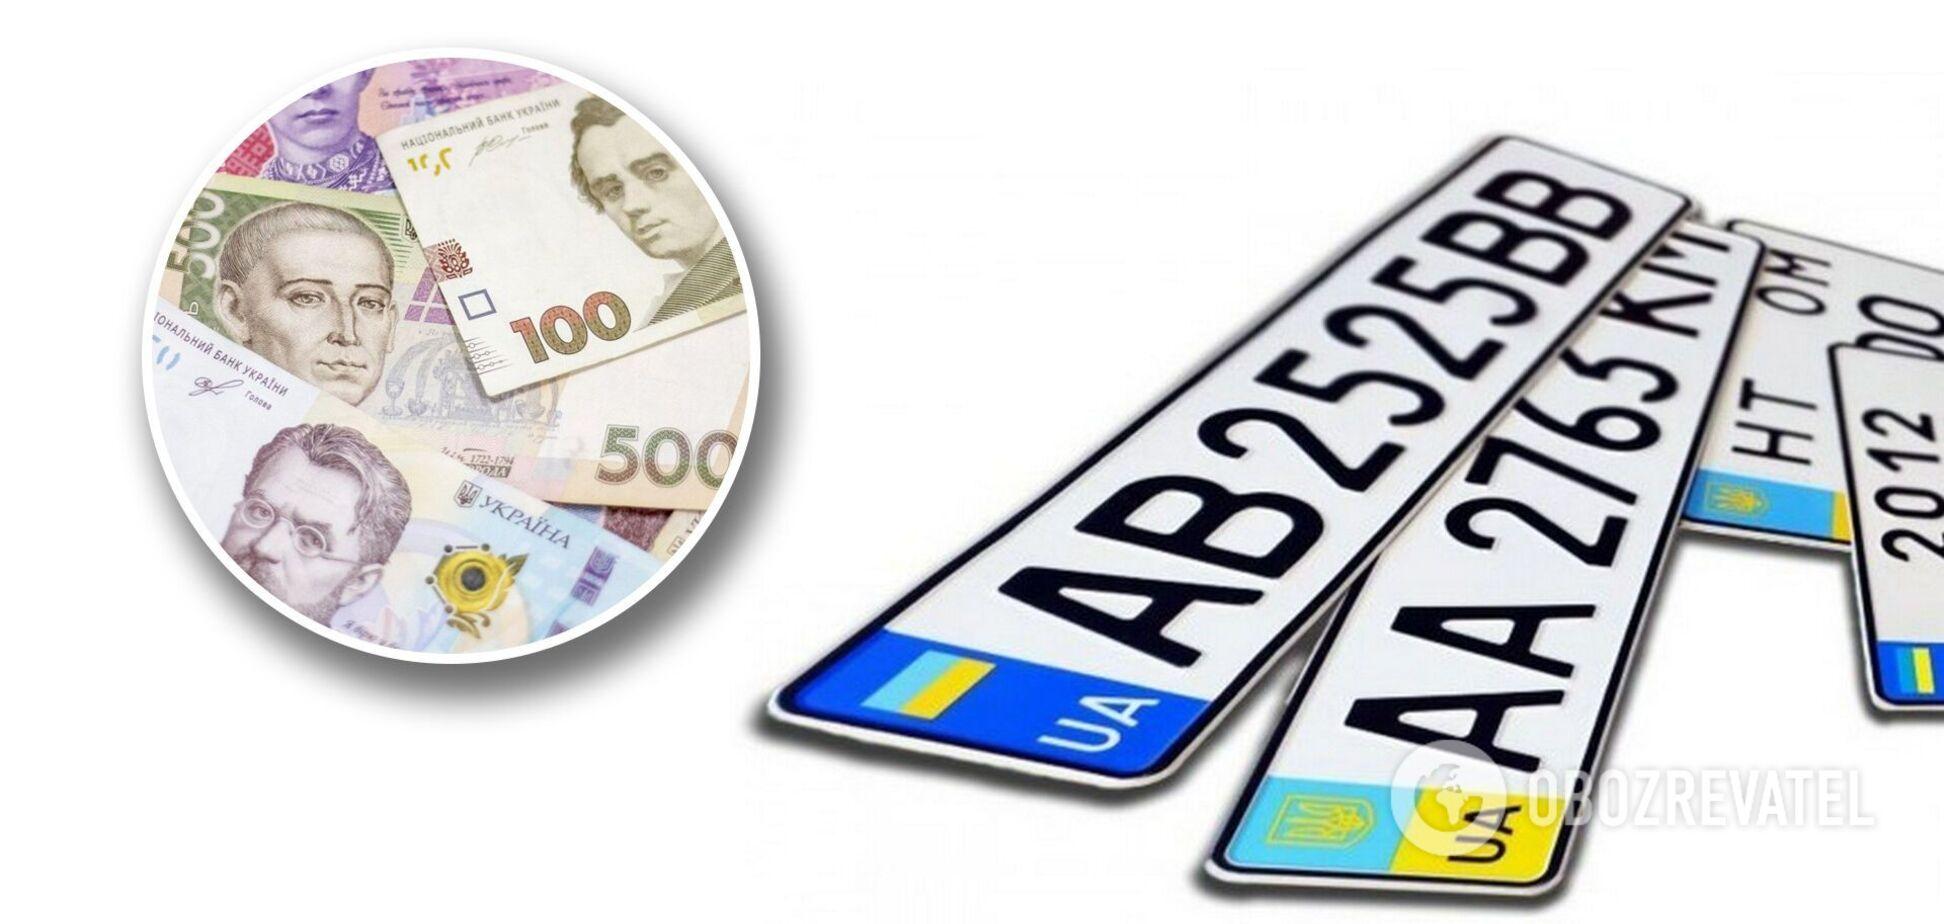 Украинцы заплатят за автономера по-новому: сколько и где их купить